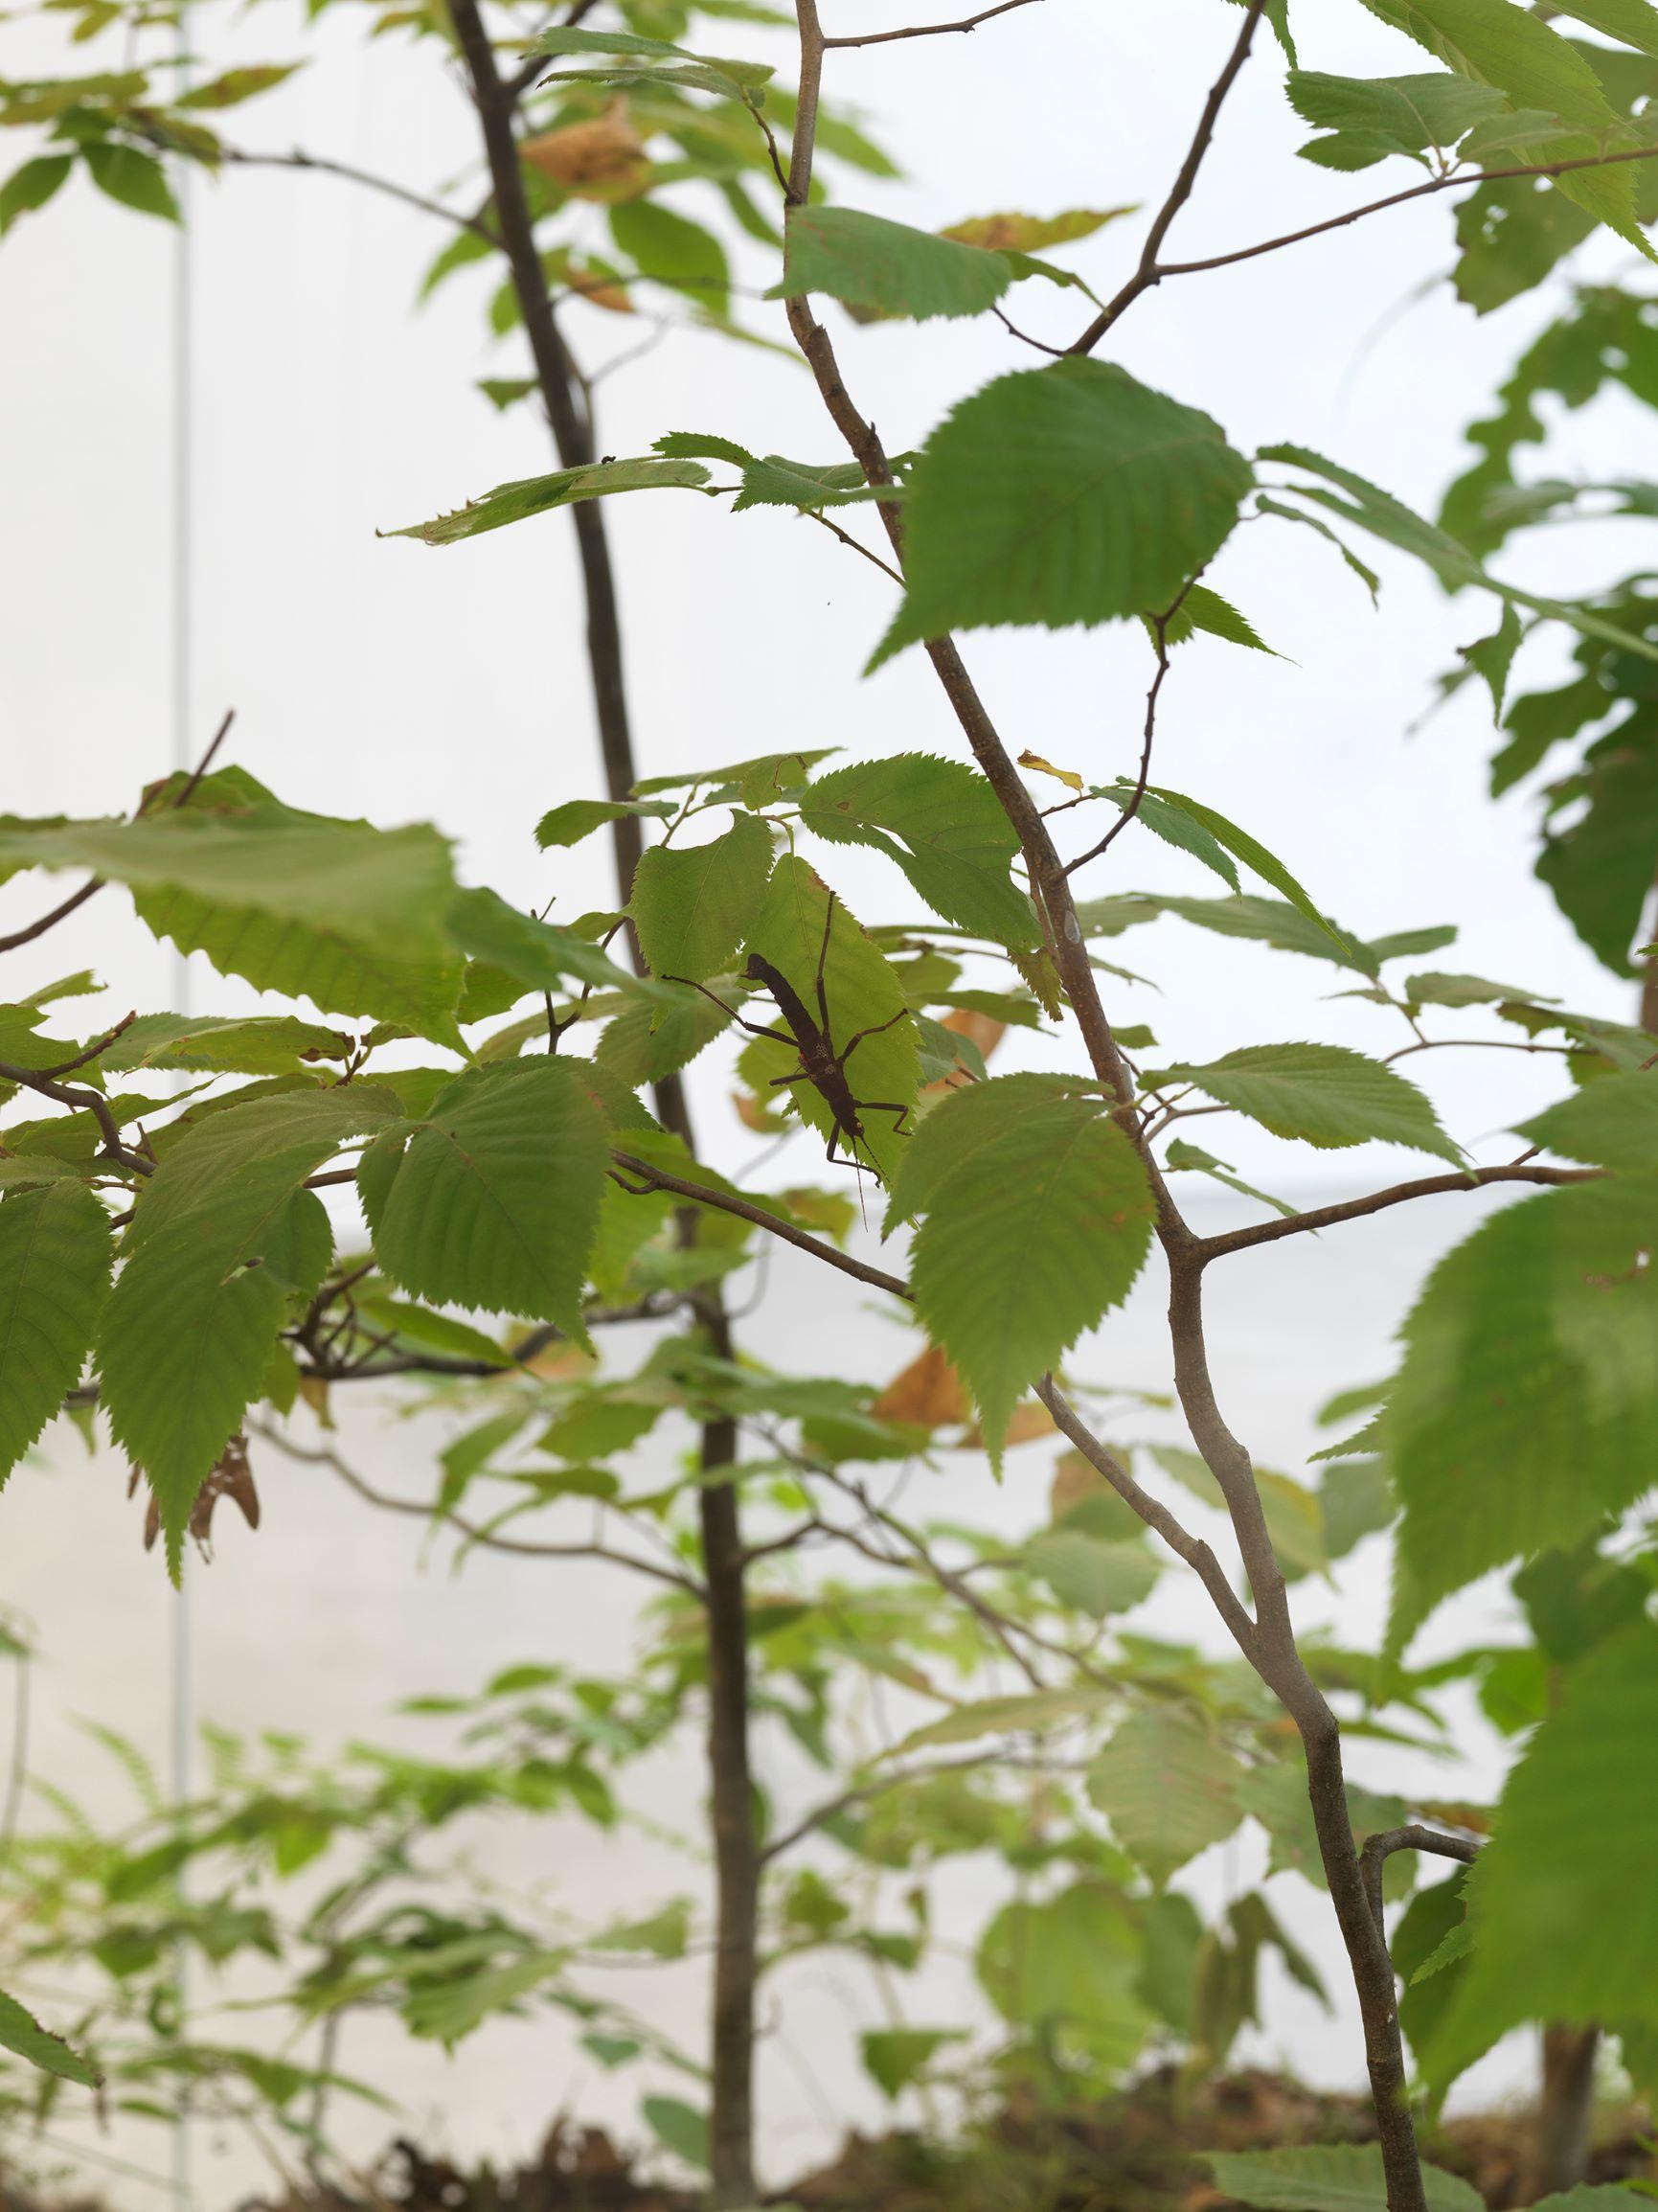 Daniel Steegmann Mangrané, A Transparent Leaf Instead Of The Mouth,, 2016-17 (dettaglio). Vetro, metallo, ecosistema con insetti stecco e insetti foglia. Courtesy dell'artista e Esther Schipper, Berlino. Foto: Matt Grub